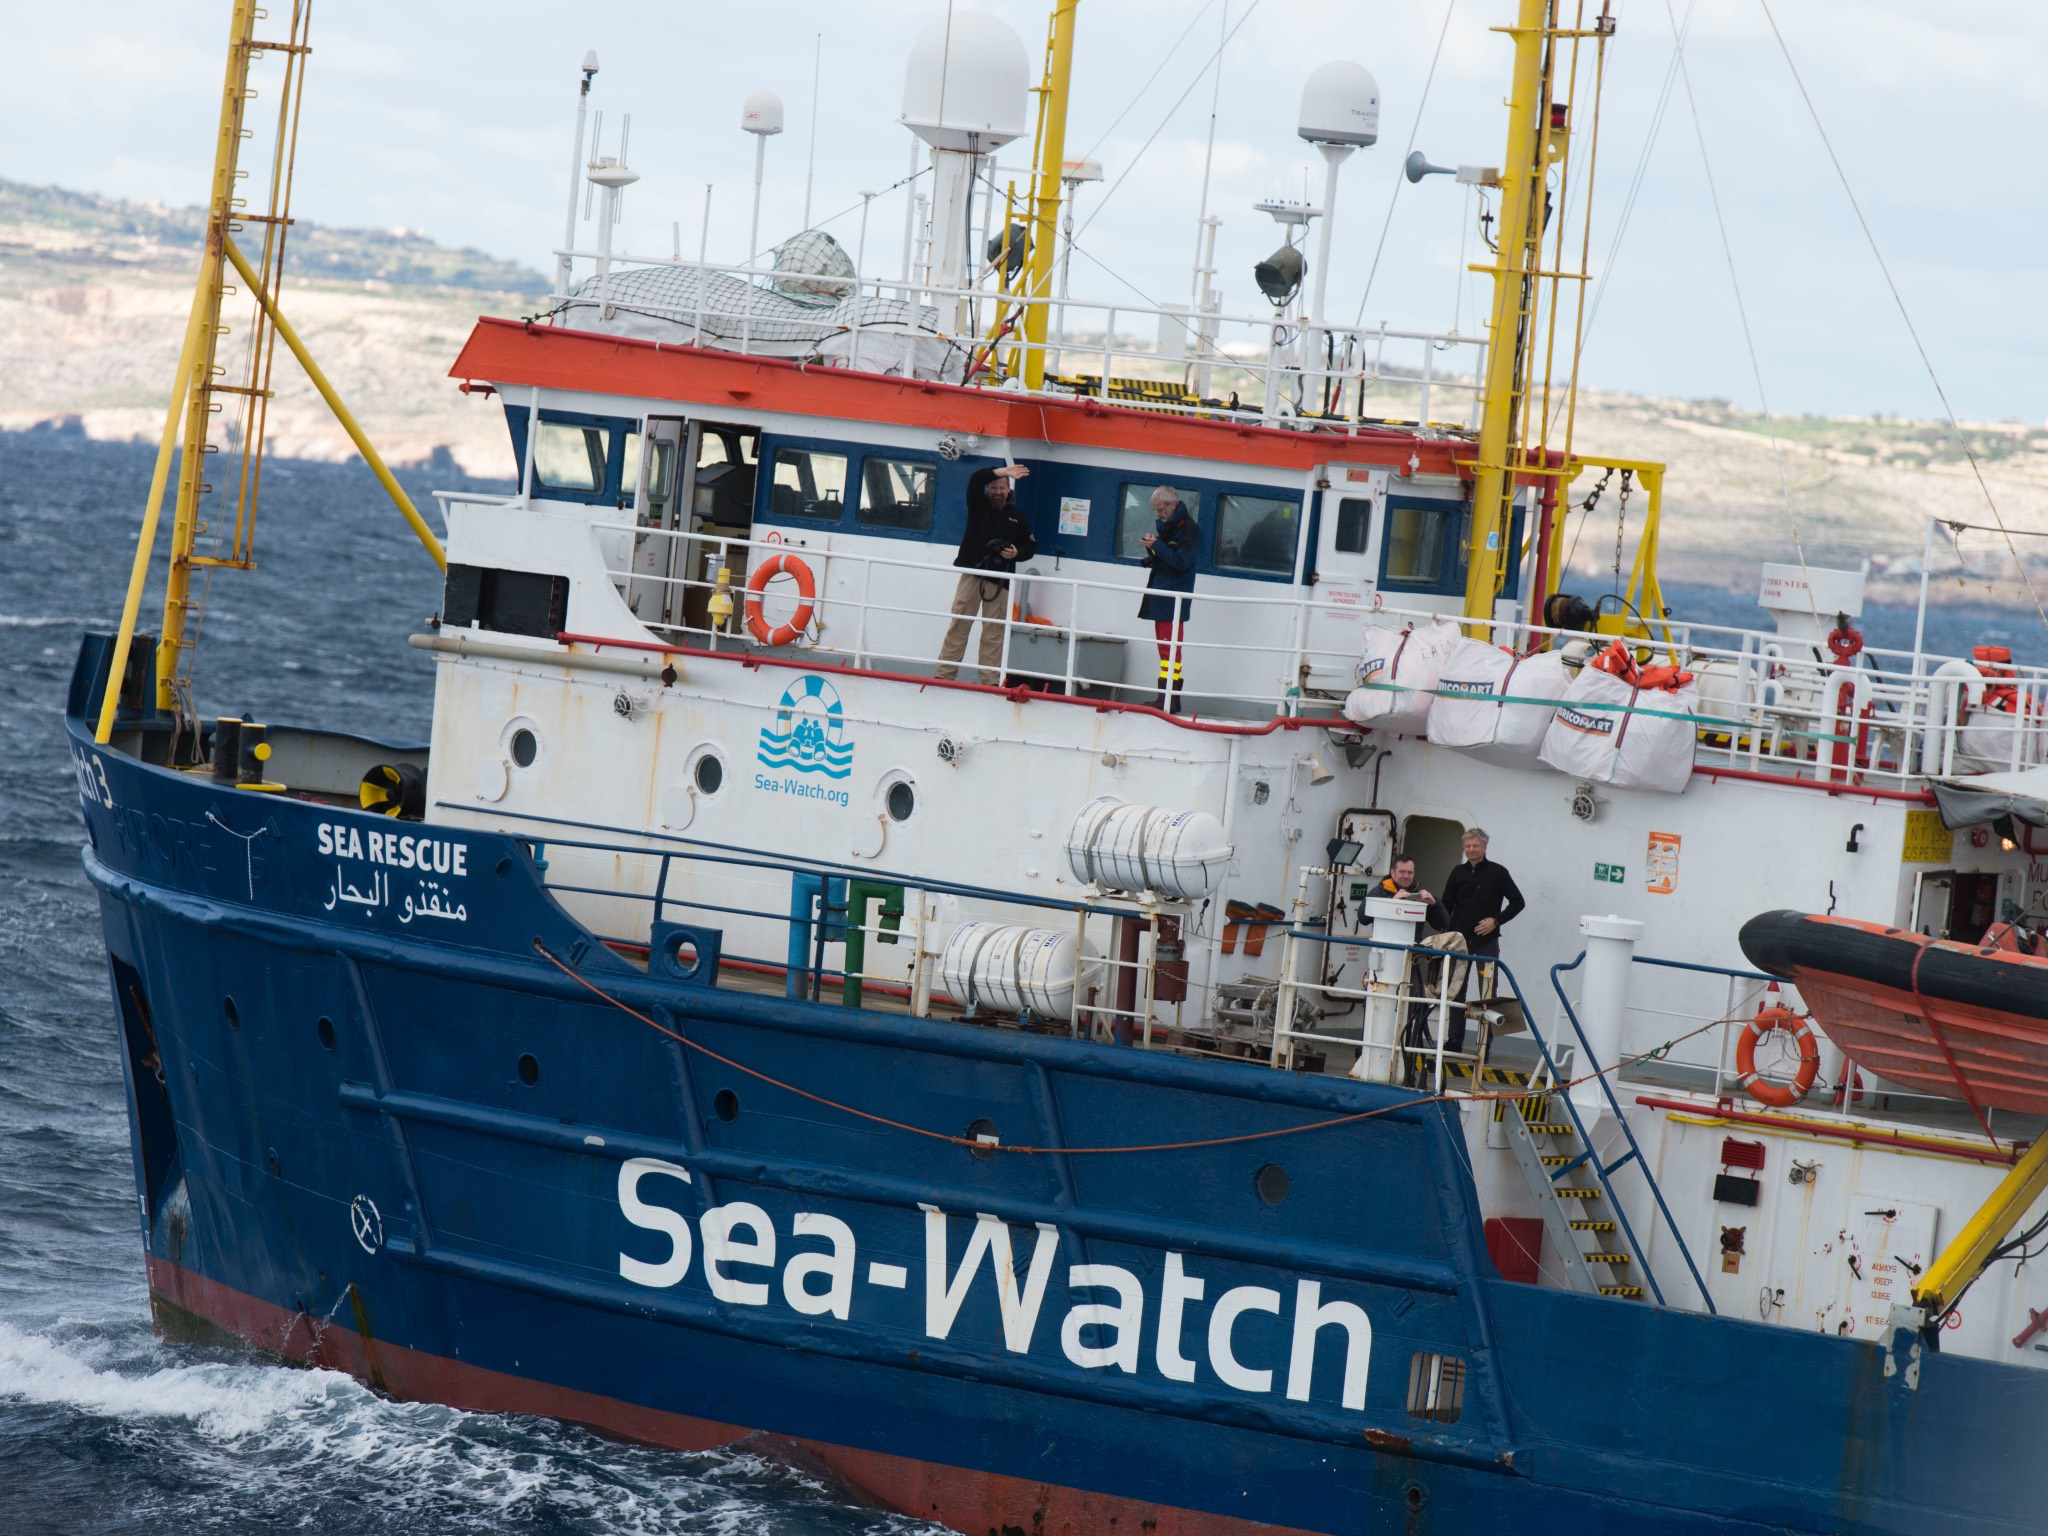 """Alexander aus Würzburg hat die Seenotrettungsorganisation """"Sea-Ey als Medienkoordinator begleitet. Foto: Alexander Draheim"""